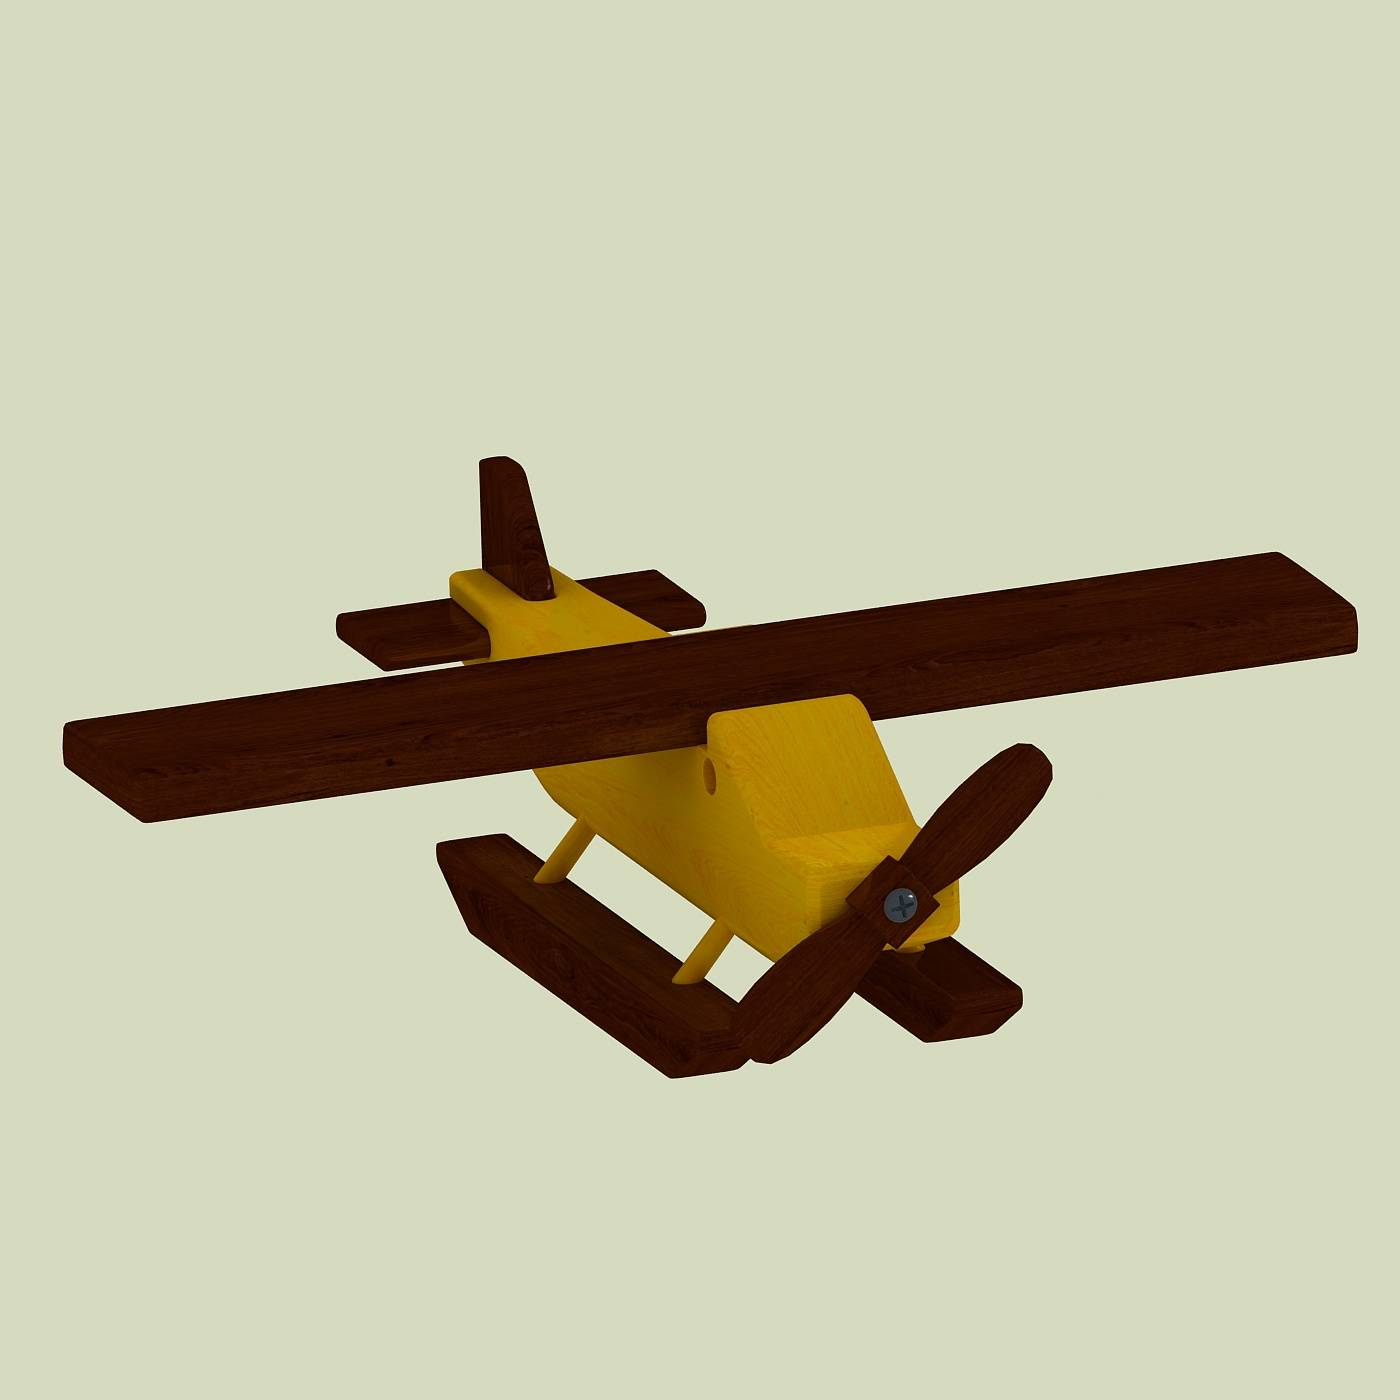 木质玩具飞机模型